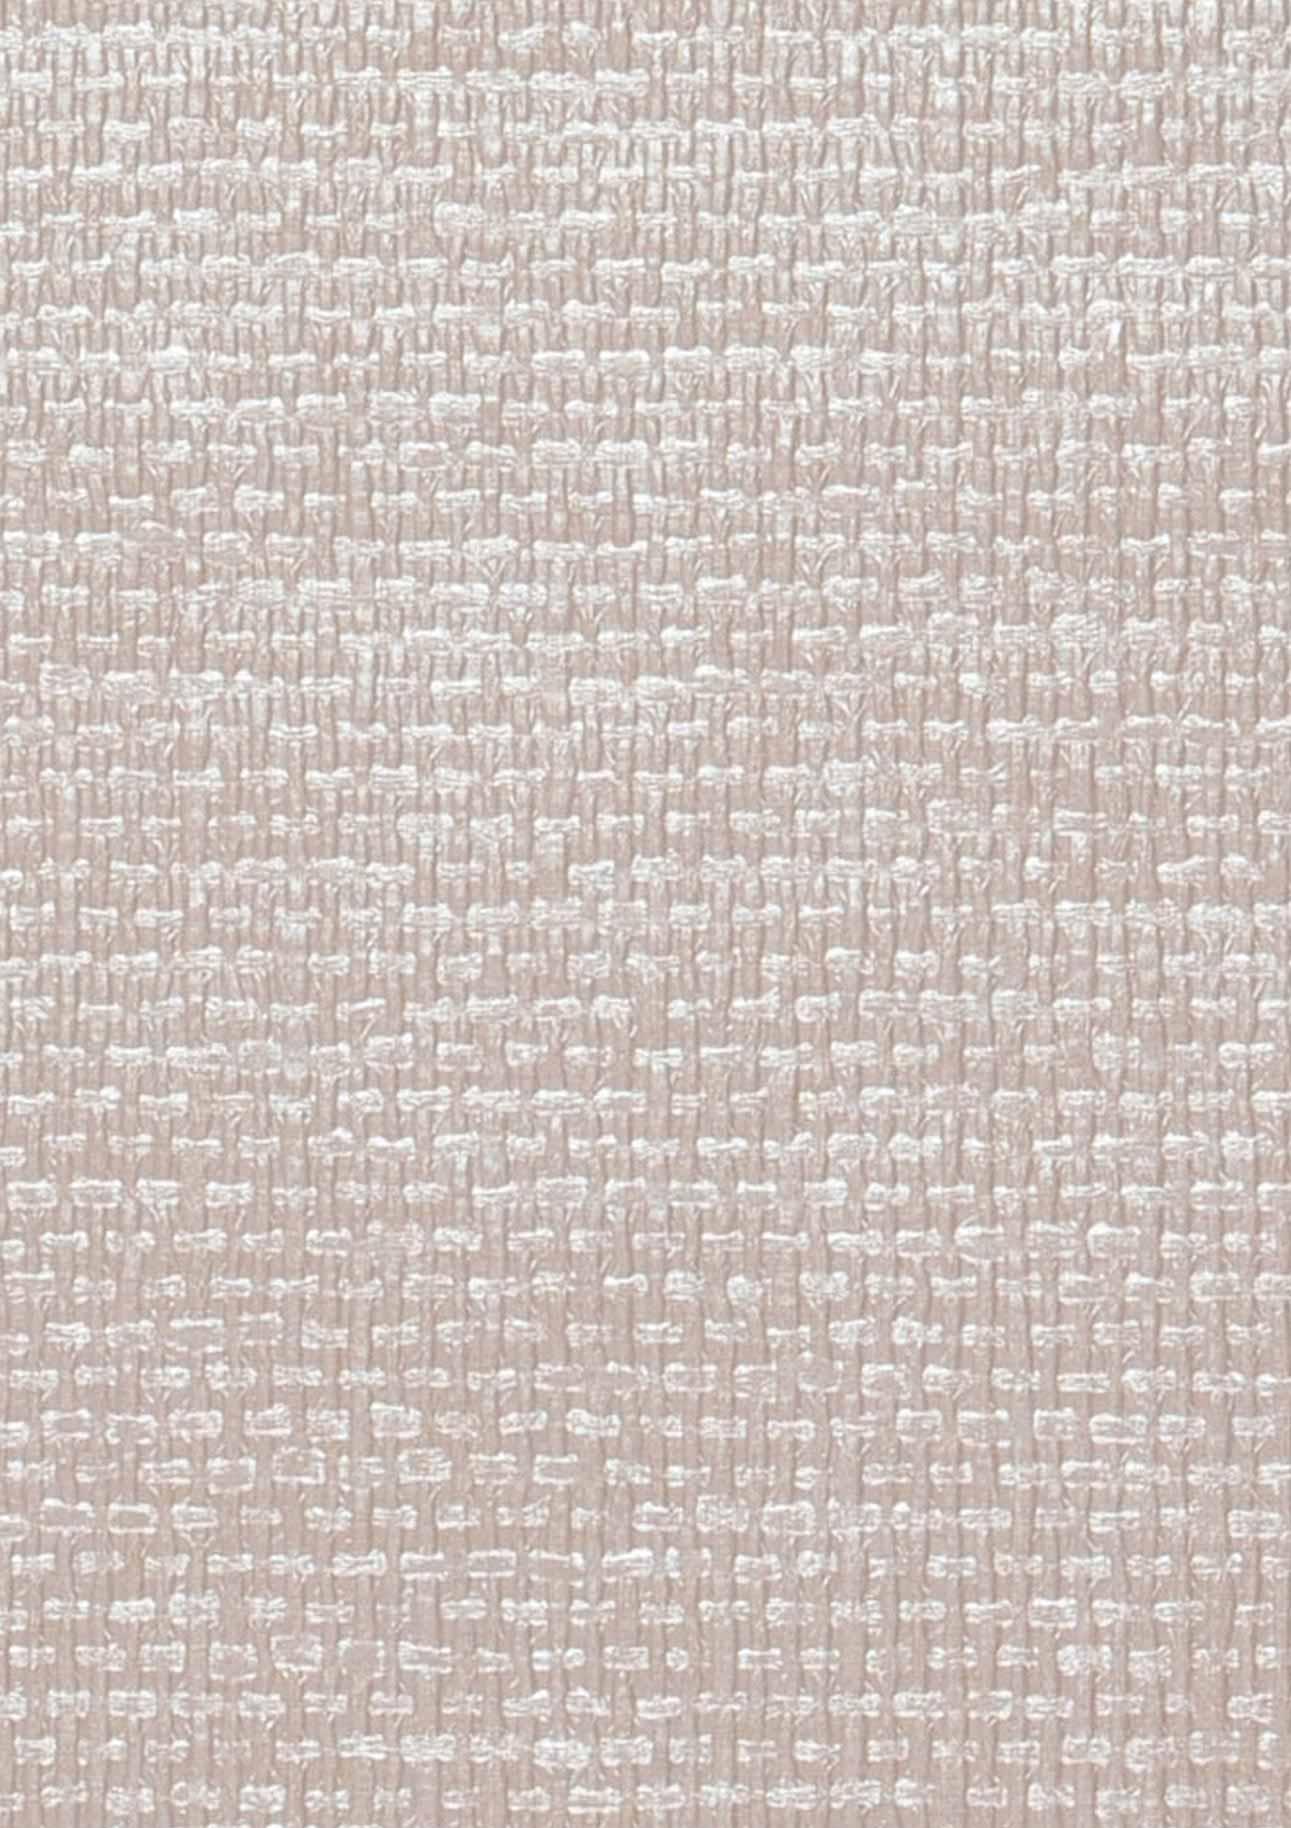 Papel pintado kronos aluminio blanco papeles de los 70 - Papel pintado de los 70 ...